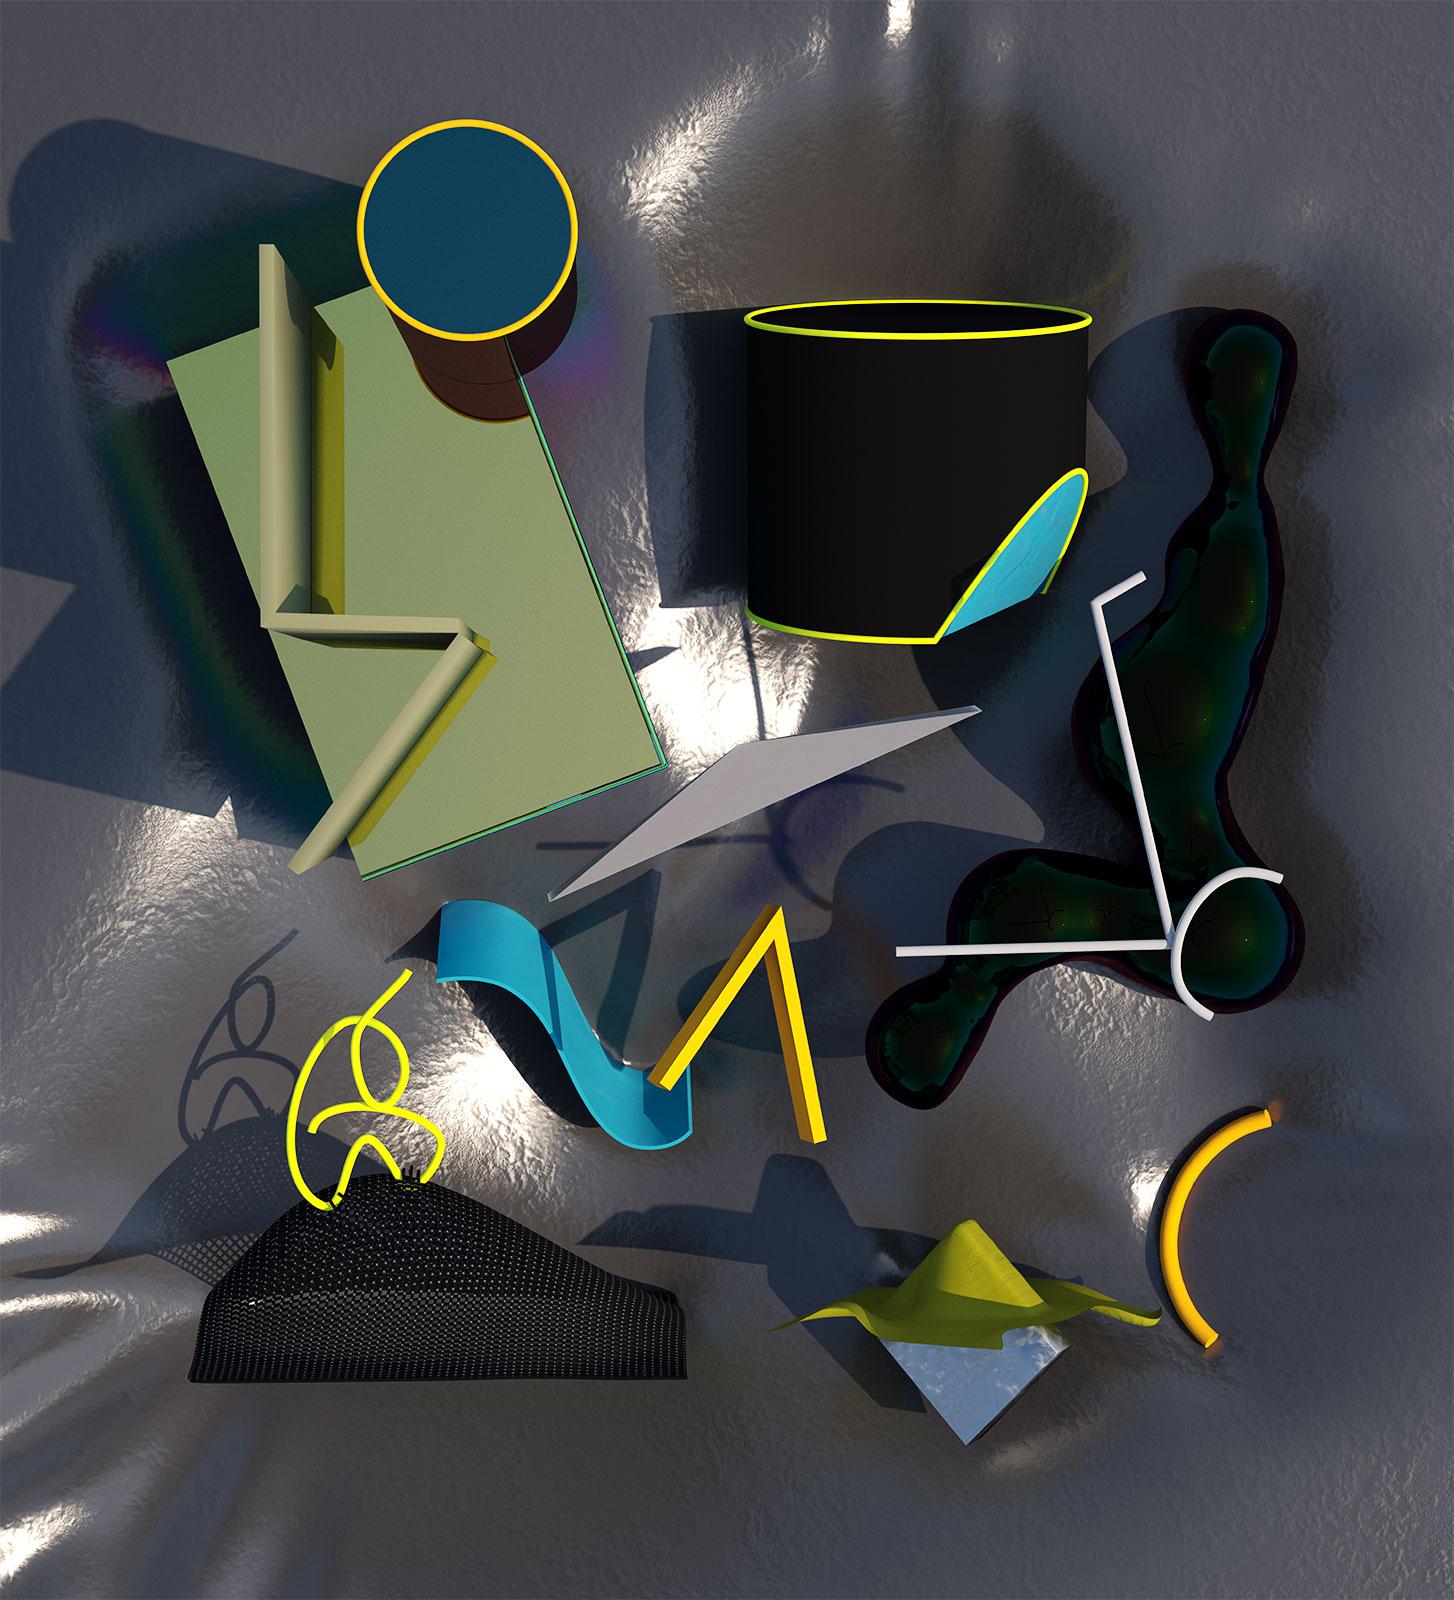 Komposition I 04, CGI Fine Art Print, 77 x 70 cm, 2012